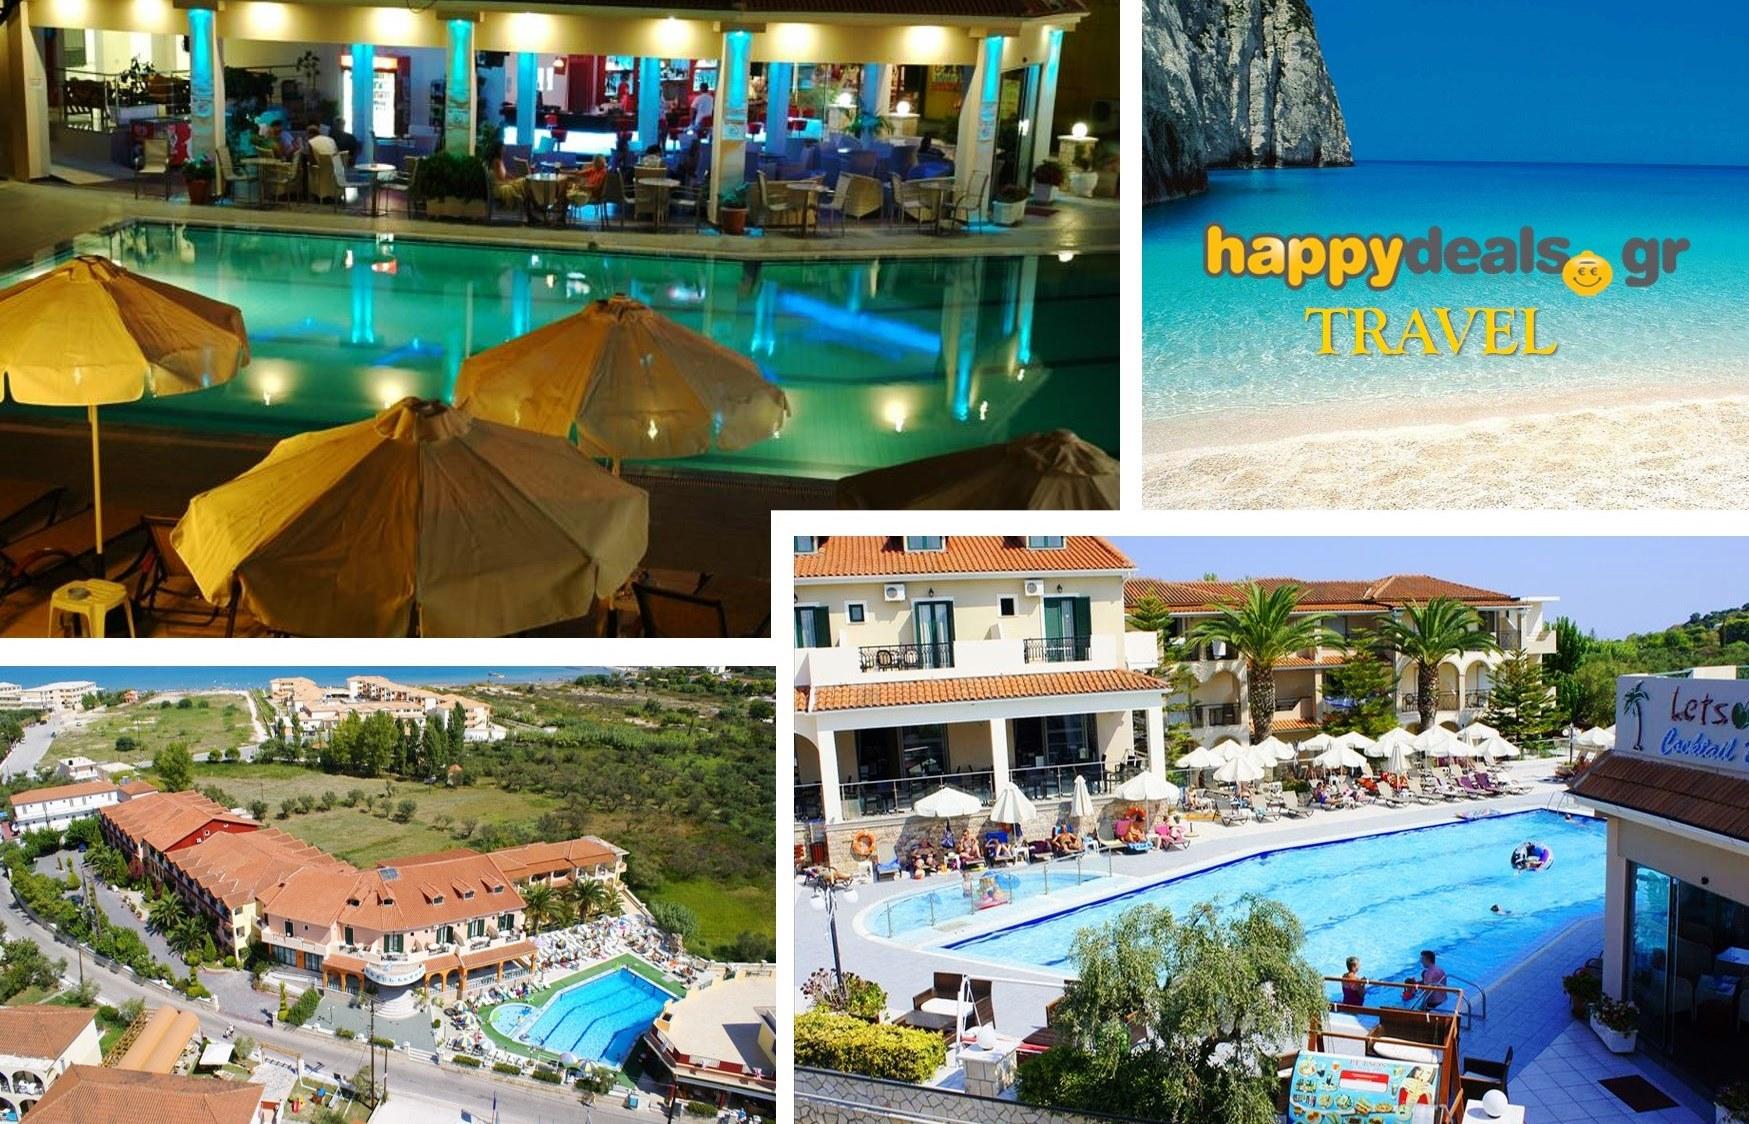 Διακοπές στη ΖΑΚΥΝΘΟ: Aπό 240€ για 6ήμερη απόδραση 2-5 ατόμων με Ακτοπλοικά & ΙΧ στο πολυτελές ''Letsos Hotel & Luxury Suites'' στoν Αλυκανά εικόνα